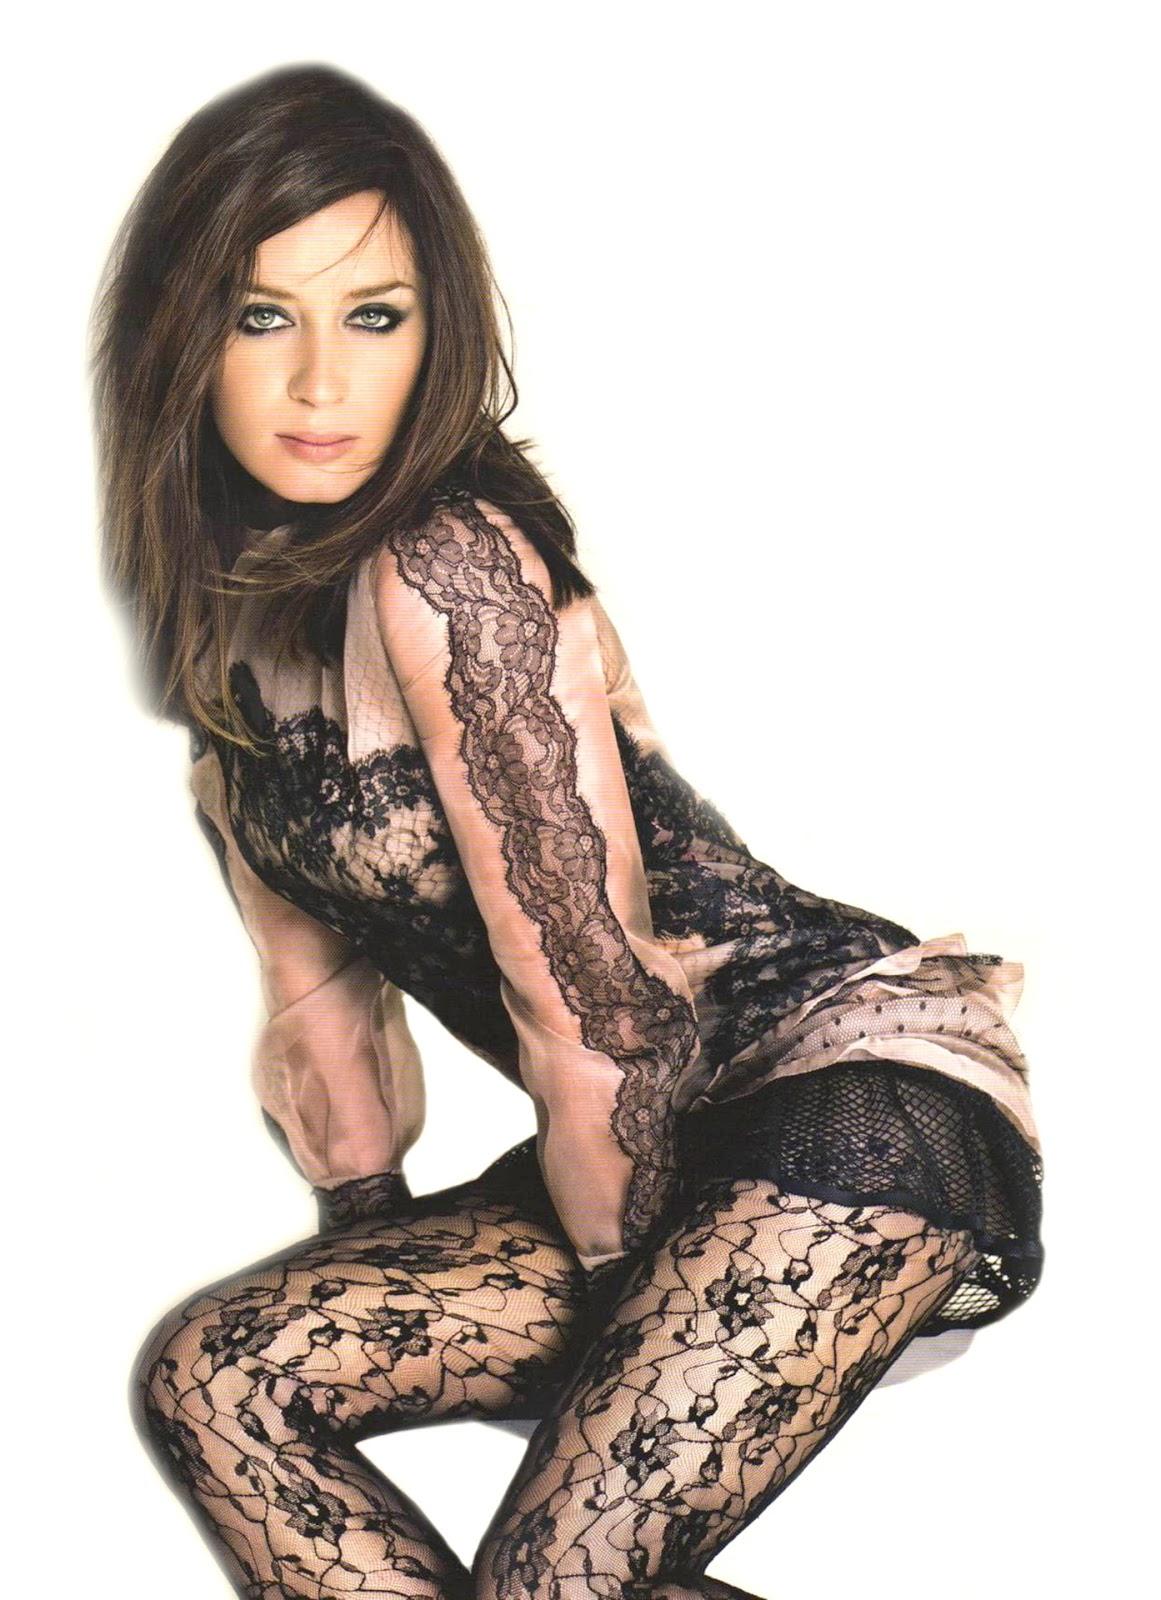 Erotica Emily Blunt